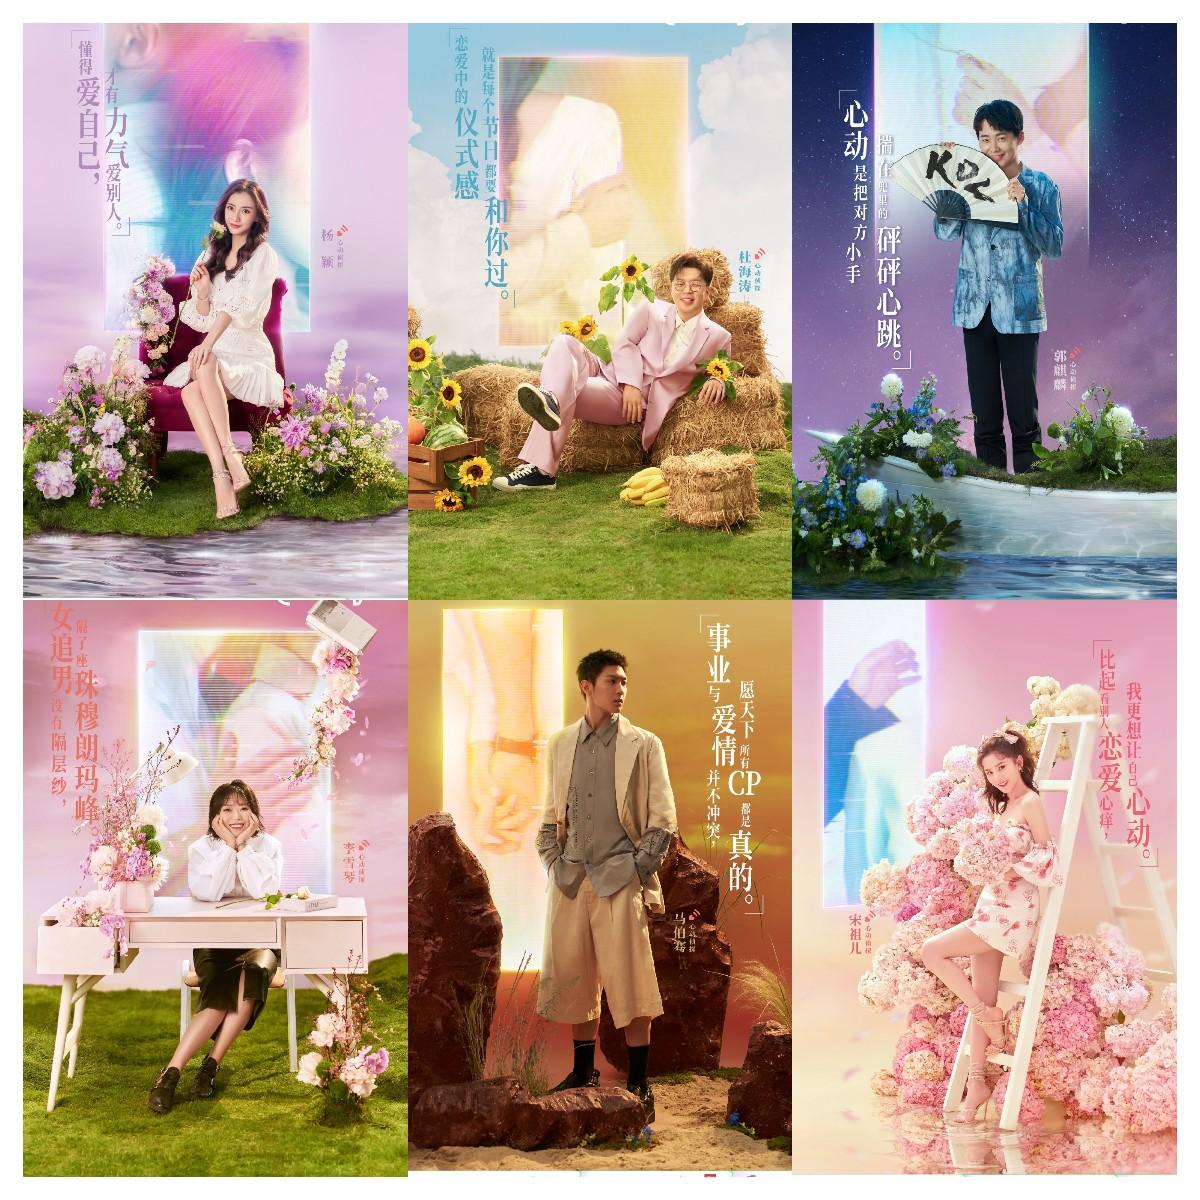 杨颖、郭麒麟、李雪琴等加盟《心动的信号4》